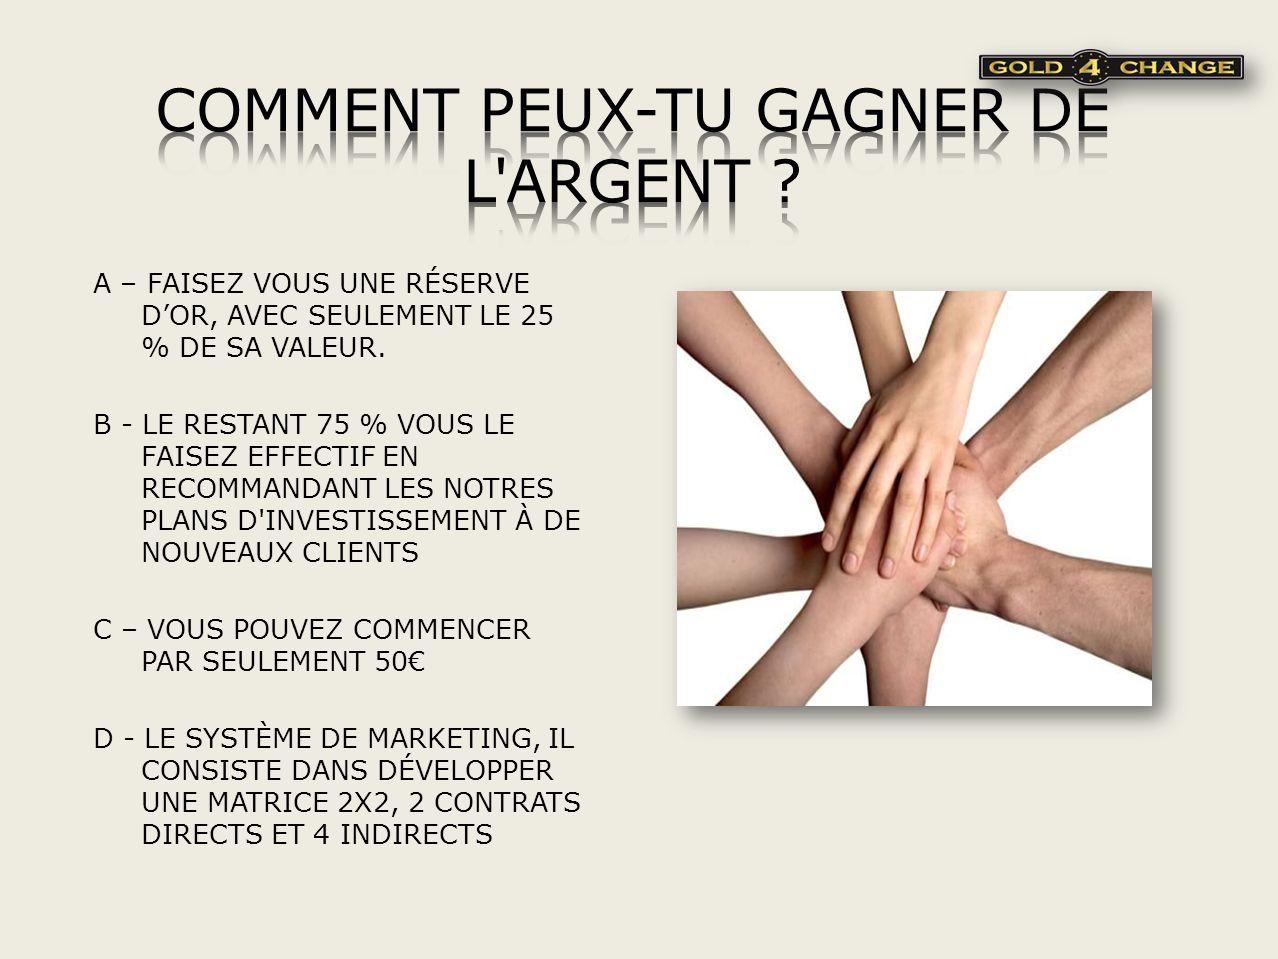 COMMENT PEUX-TU GAGNER DE L ARGENT